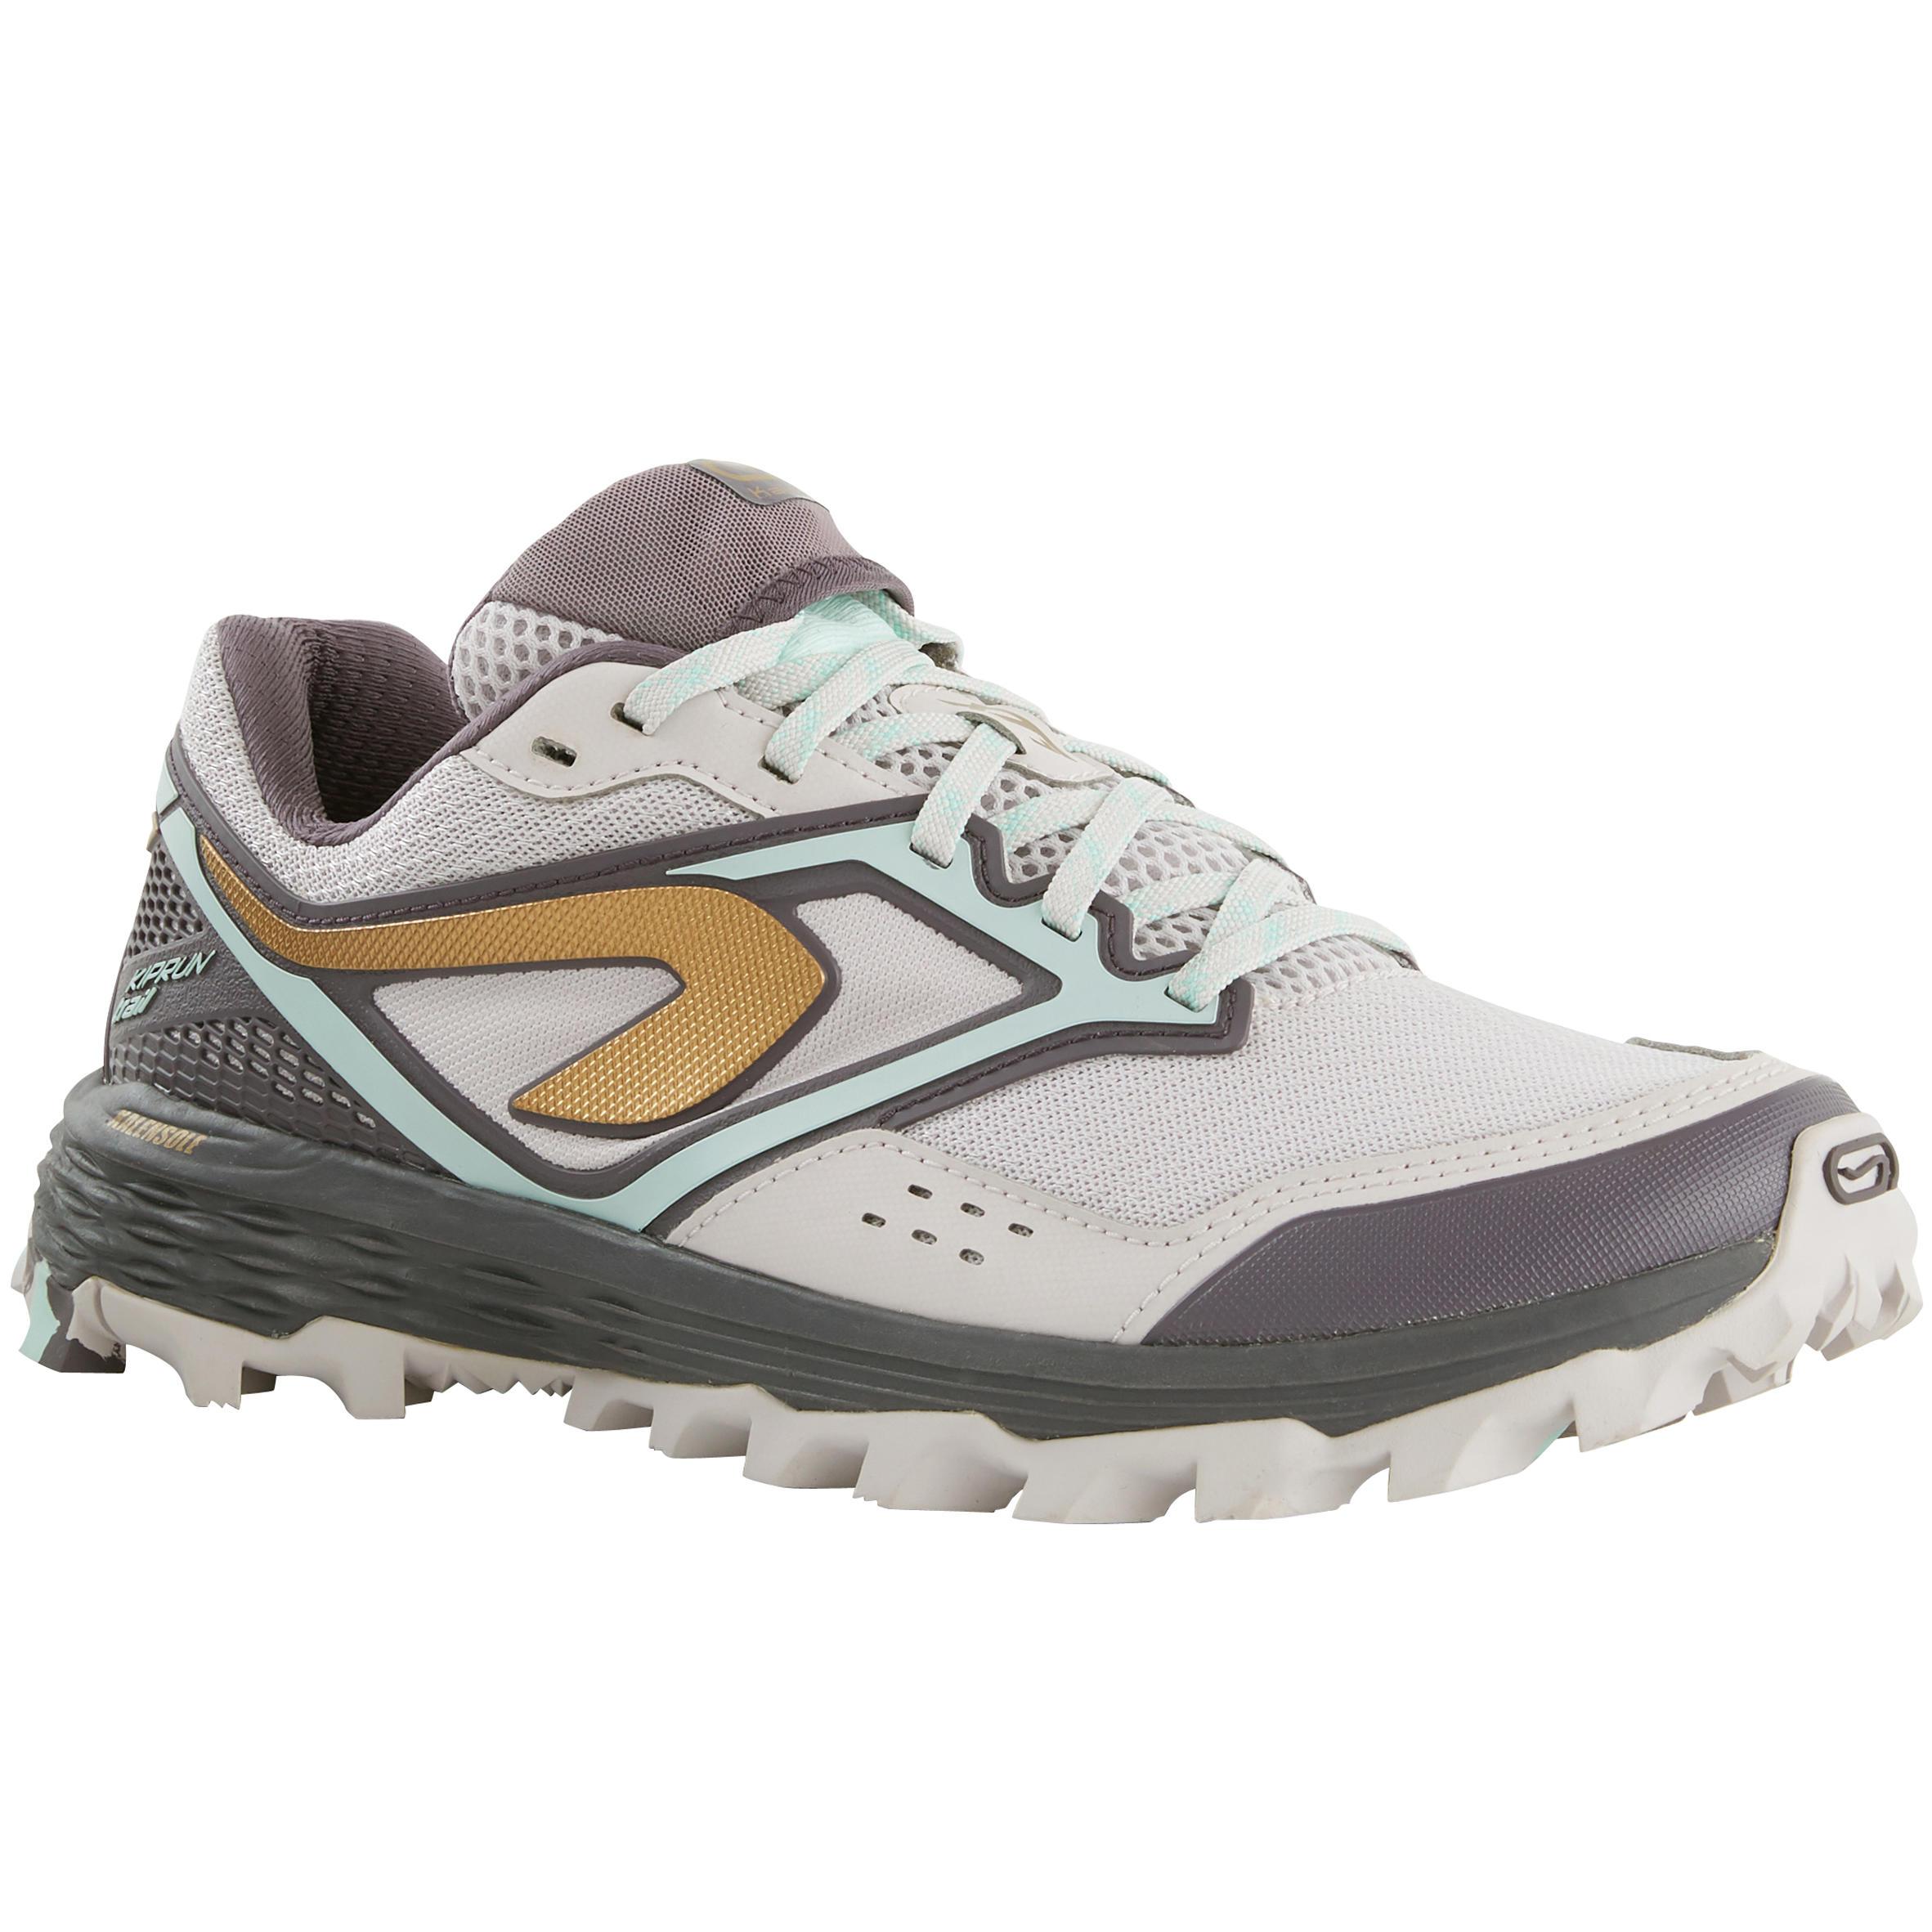 Kalenji Trailschoenen voor dames Kiprun Trail XT7 lila goud